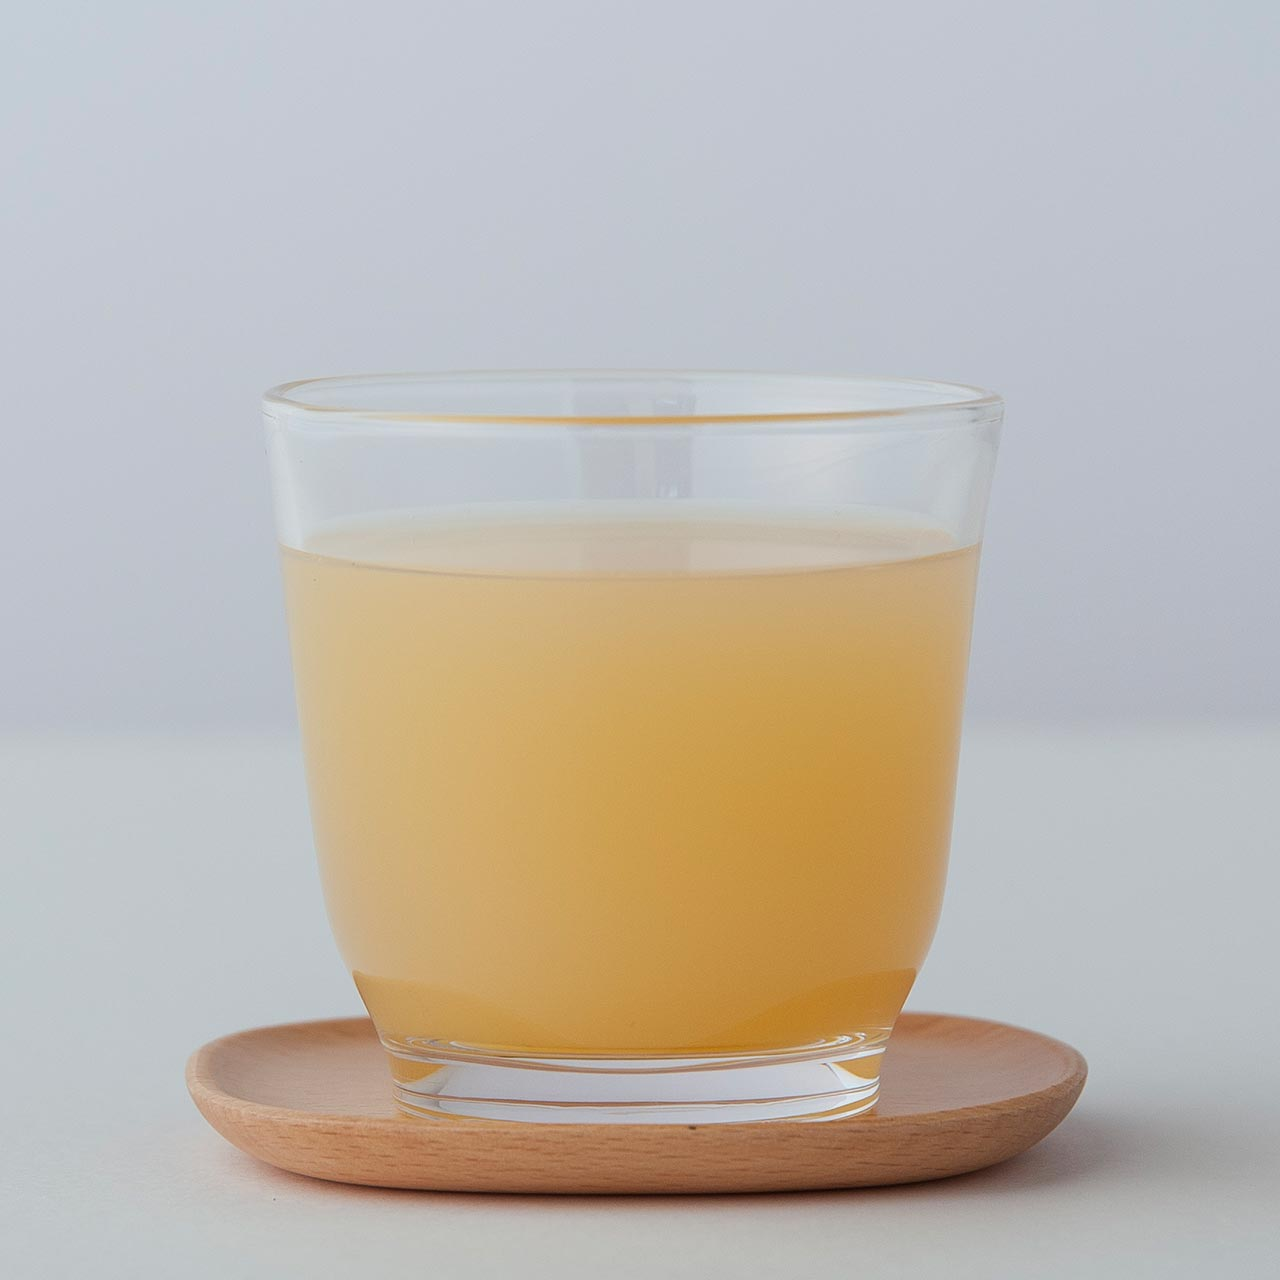 紙パック1本 医果同源未熟りんご入りりんごジュース